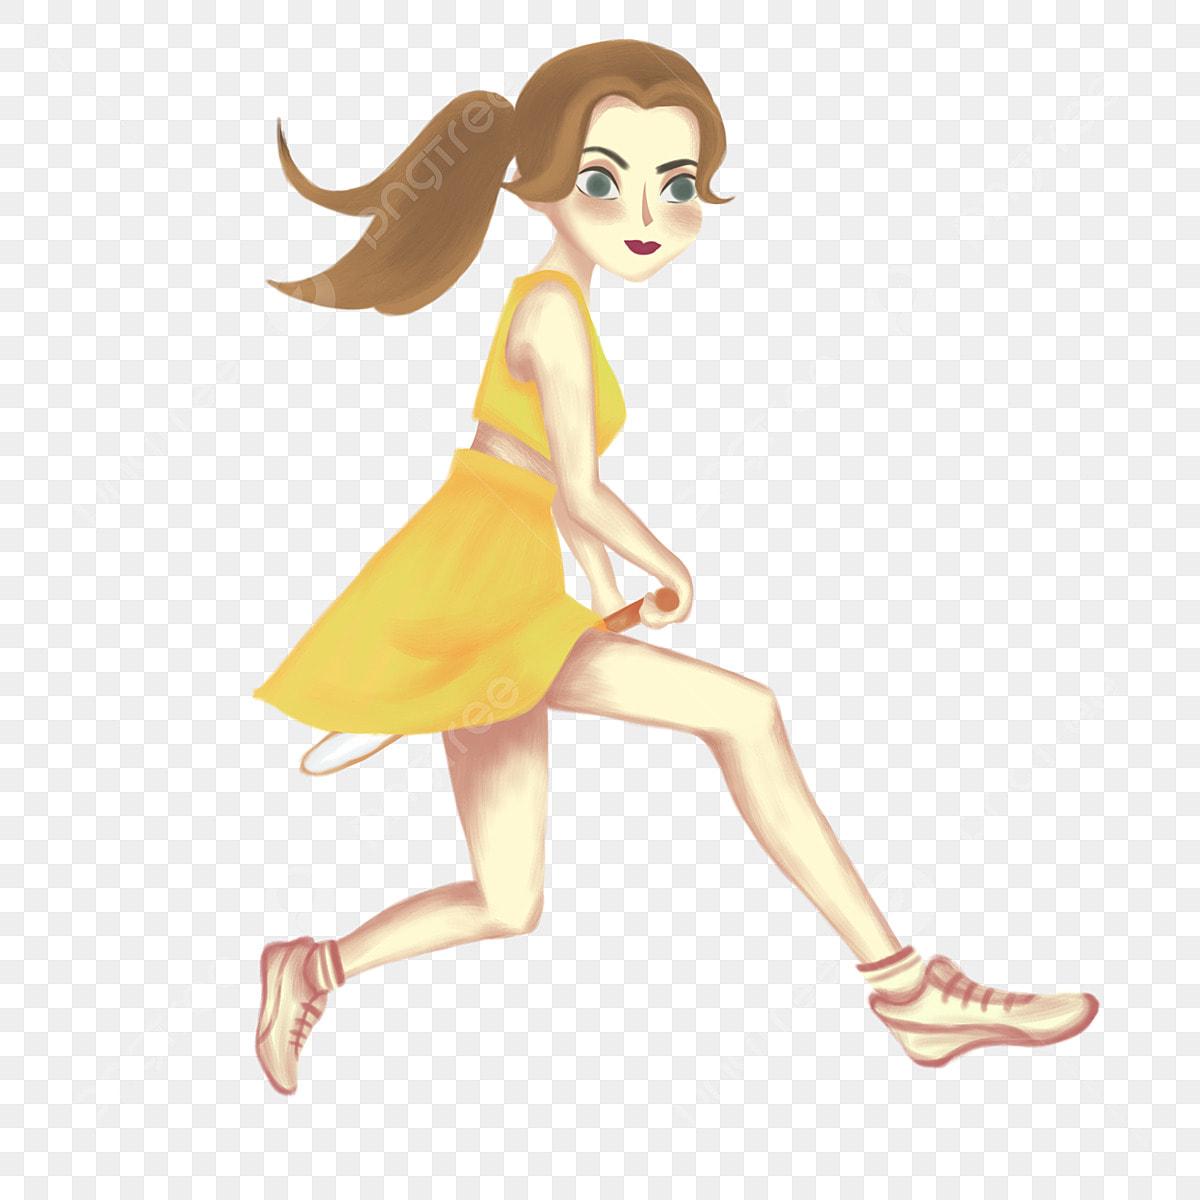 Kartun Pelacur Pakaian Kuning Kecantikan Pelacur Pakaian